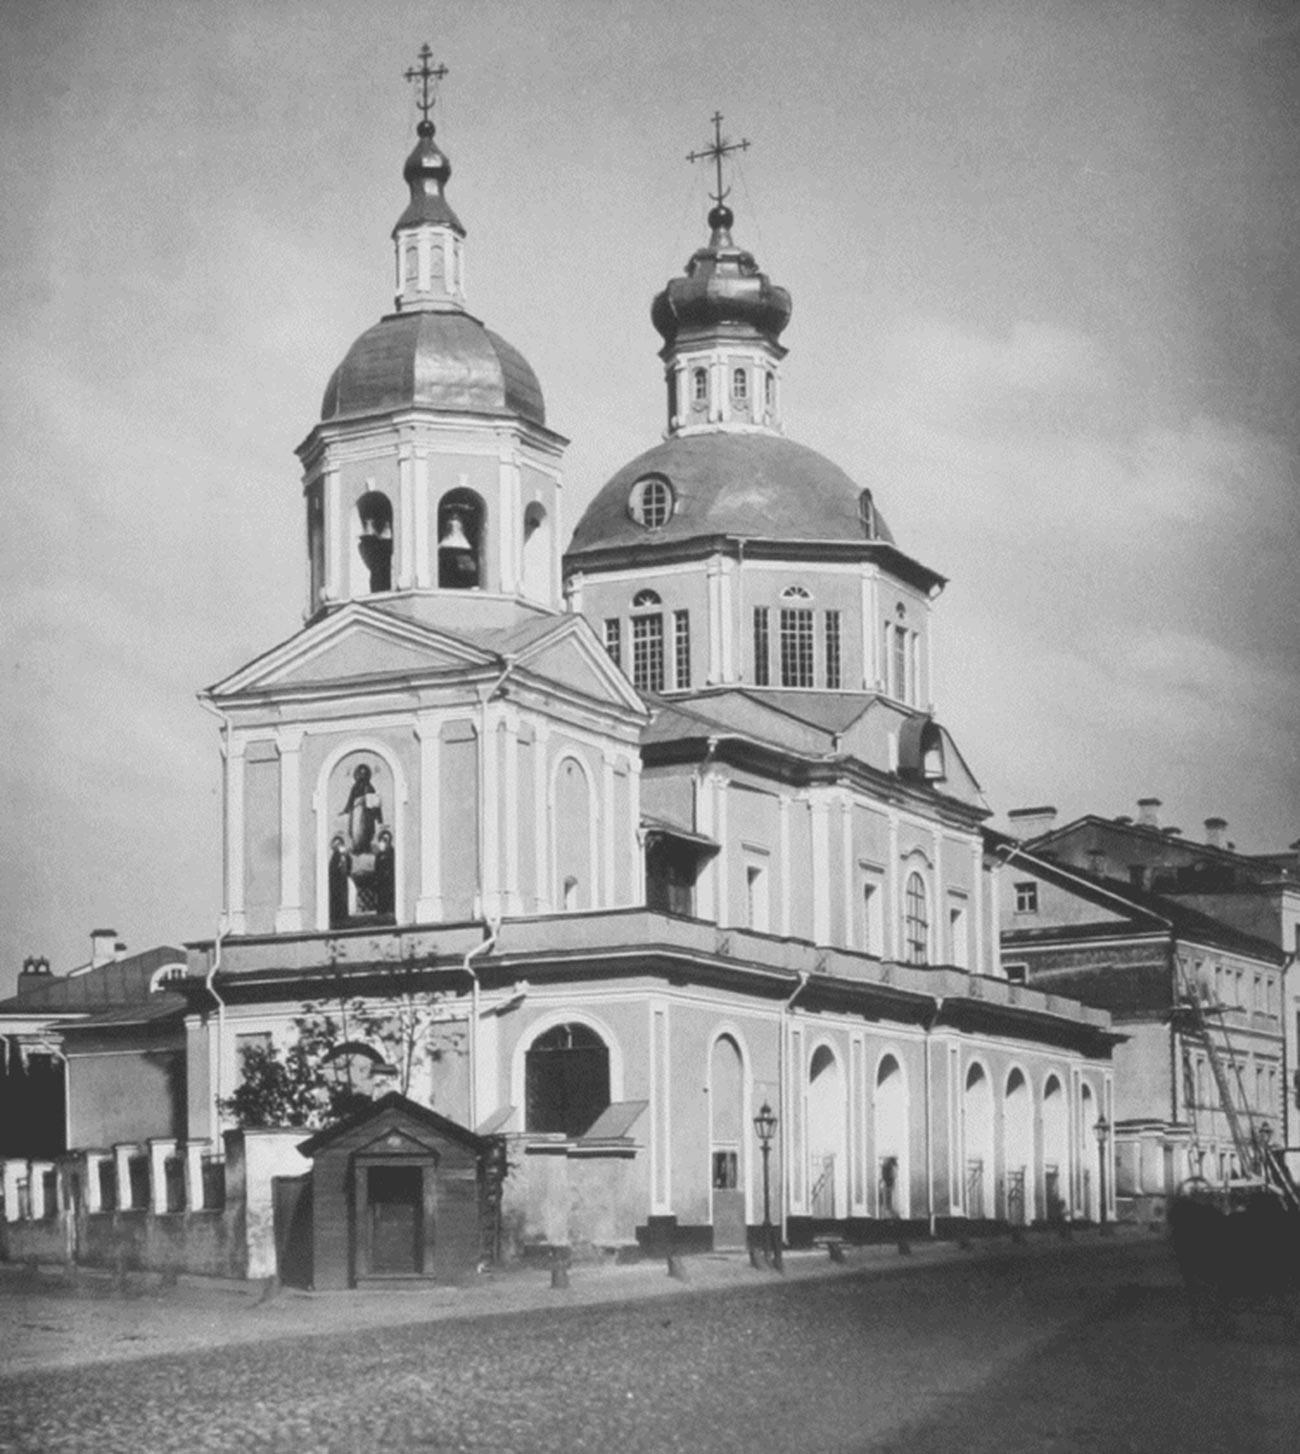 Cerkev sv. Evpla, 1882. Fotografija iz knjige Nikolaja Najdjonova